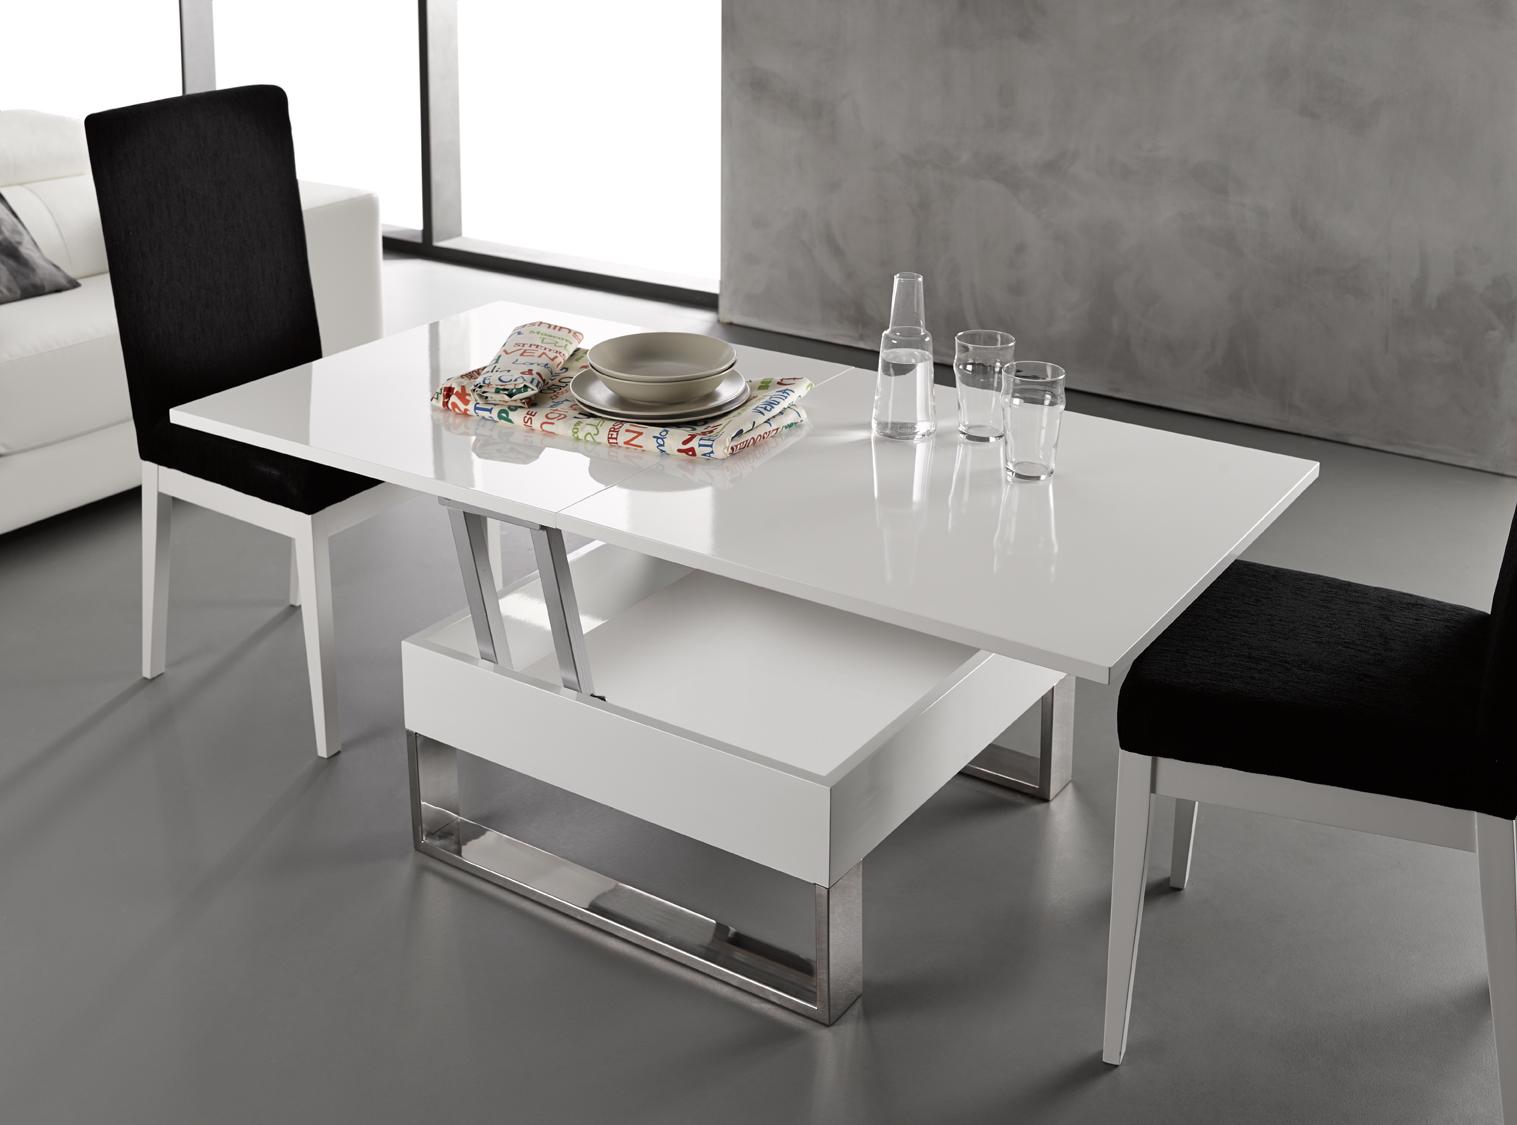 Mesa de centro blanca elevabl y extensible online de alta calidad - Mesa salon extensible ...